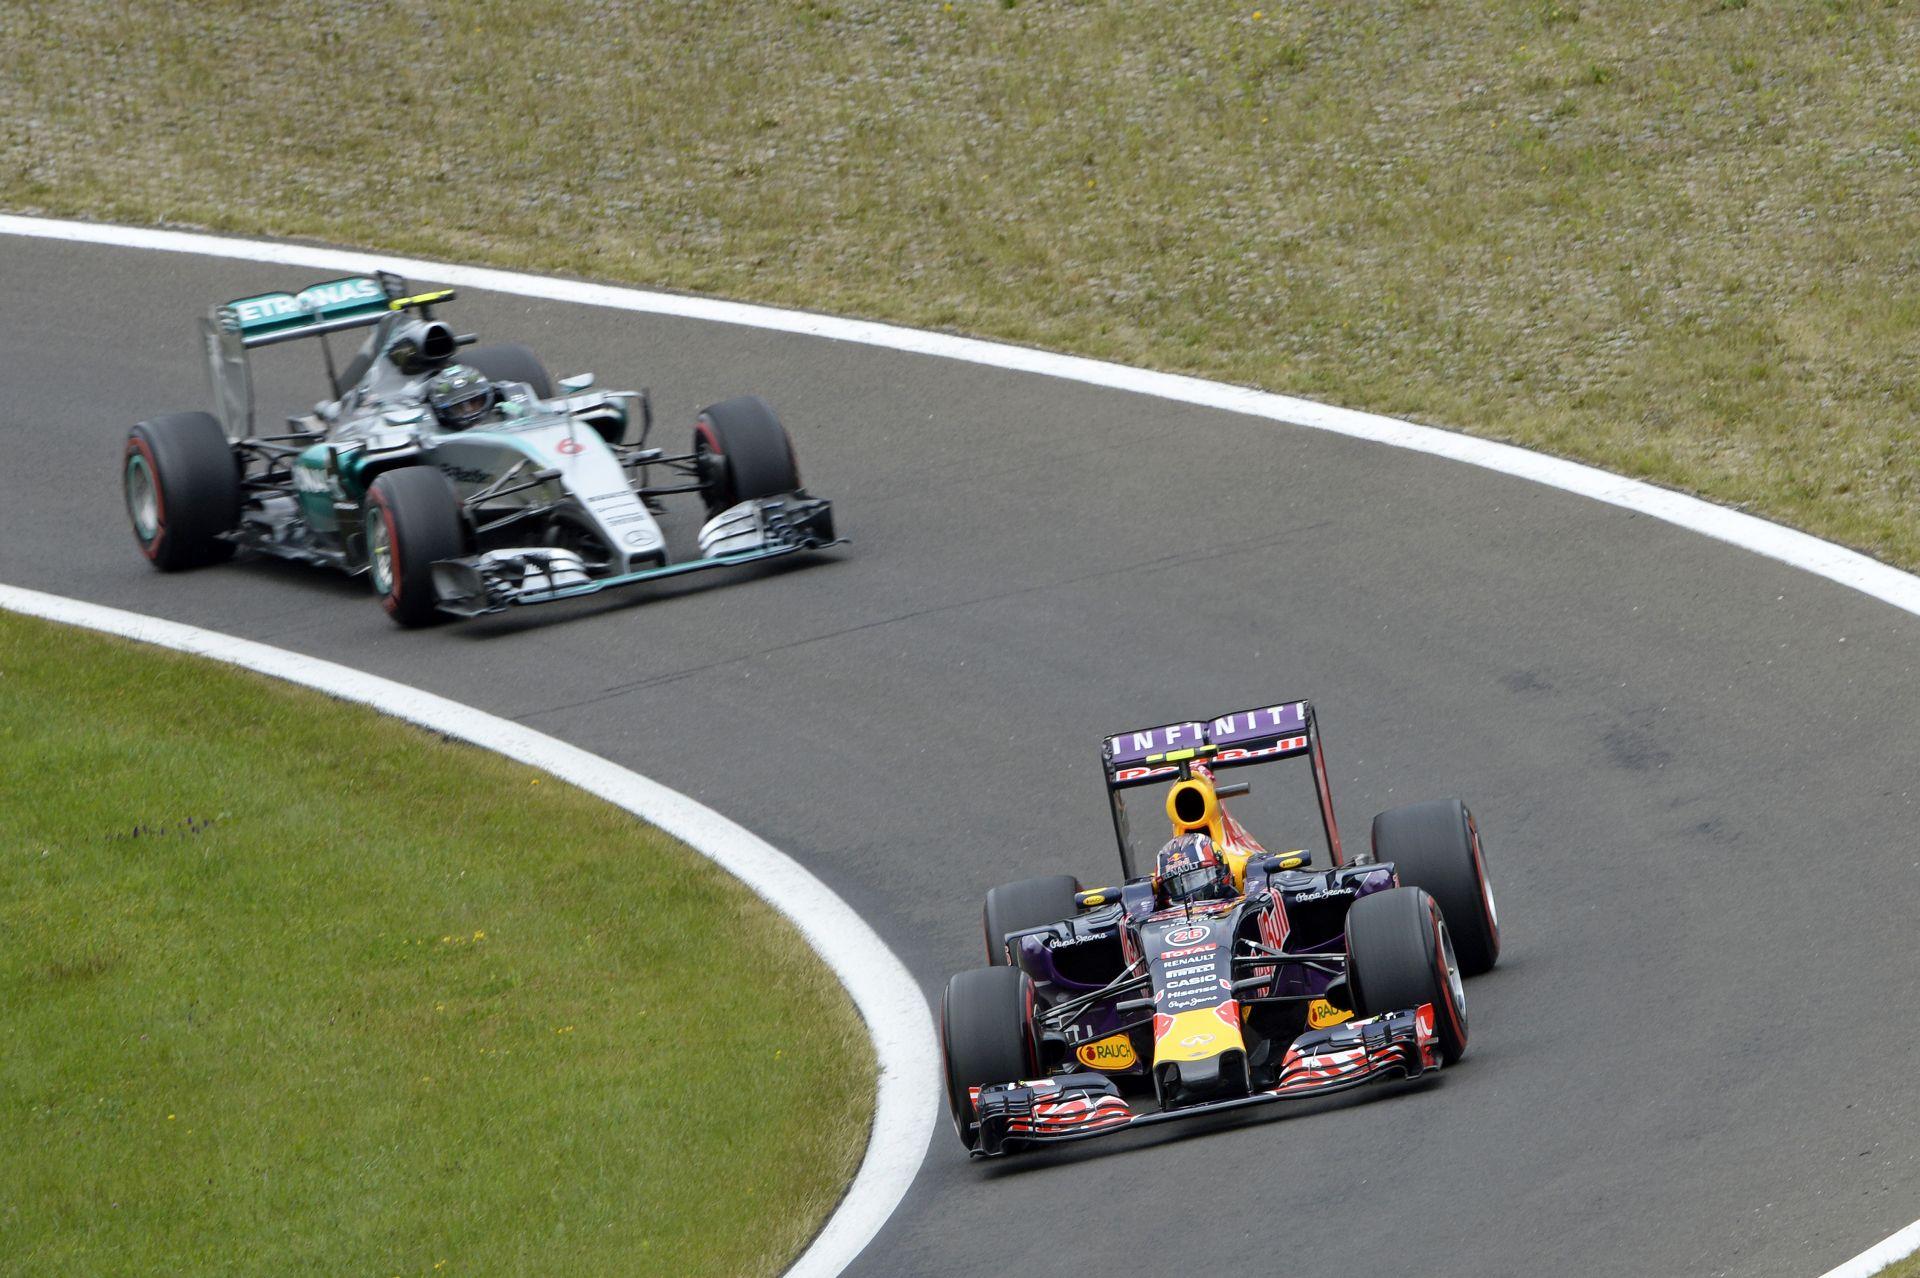 Csak a Mercedes motorok fejlesztését kellene befagyasztani